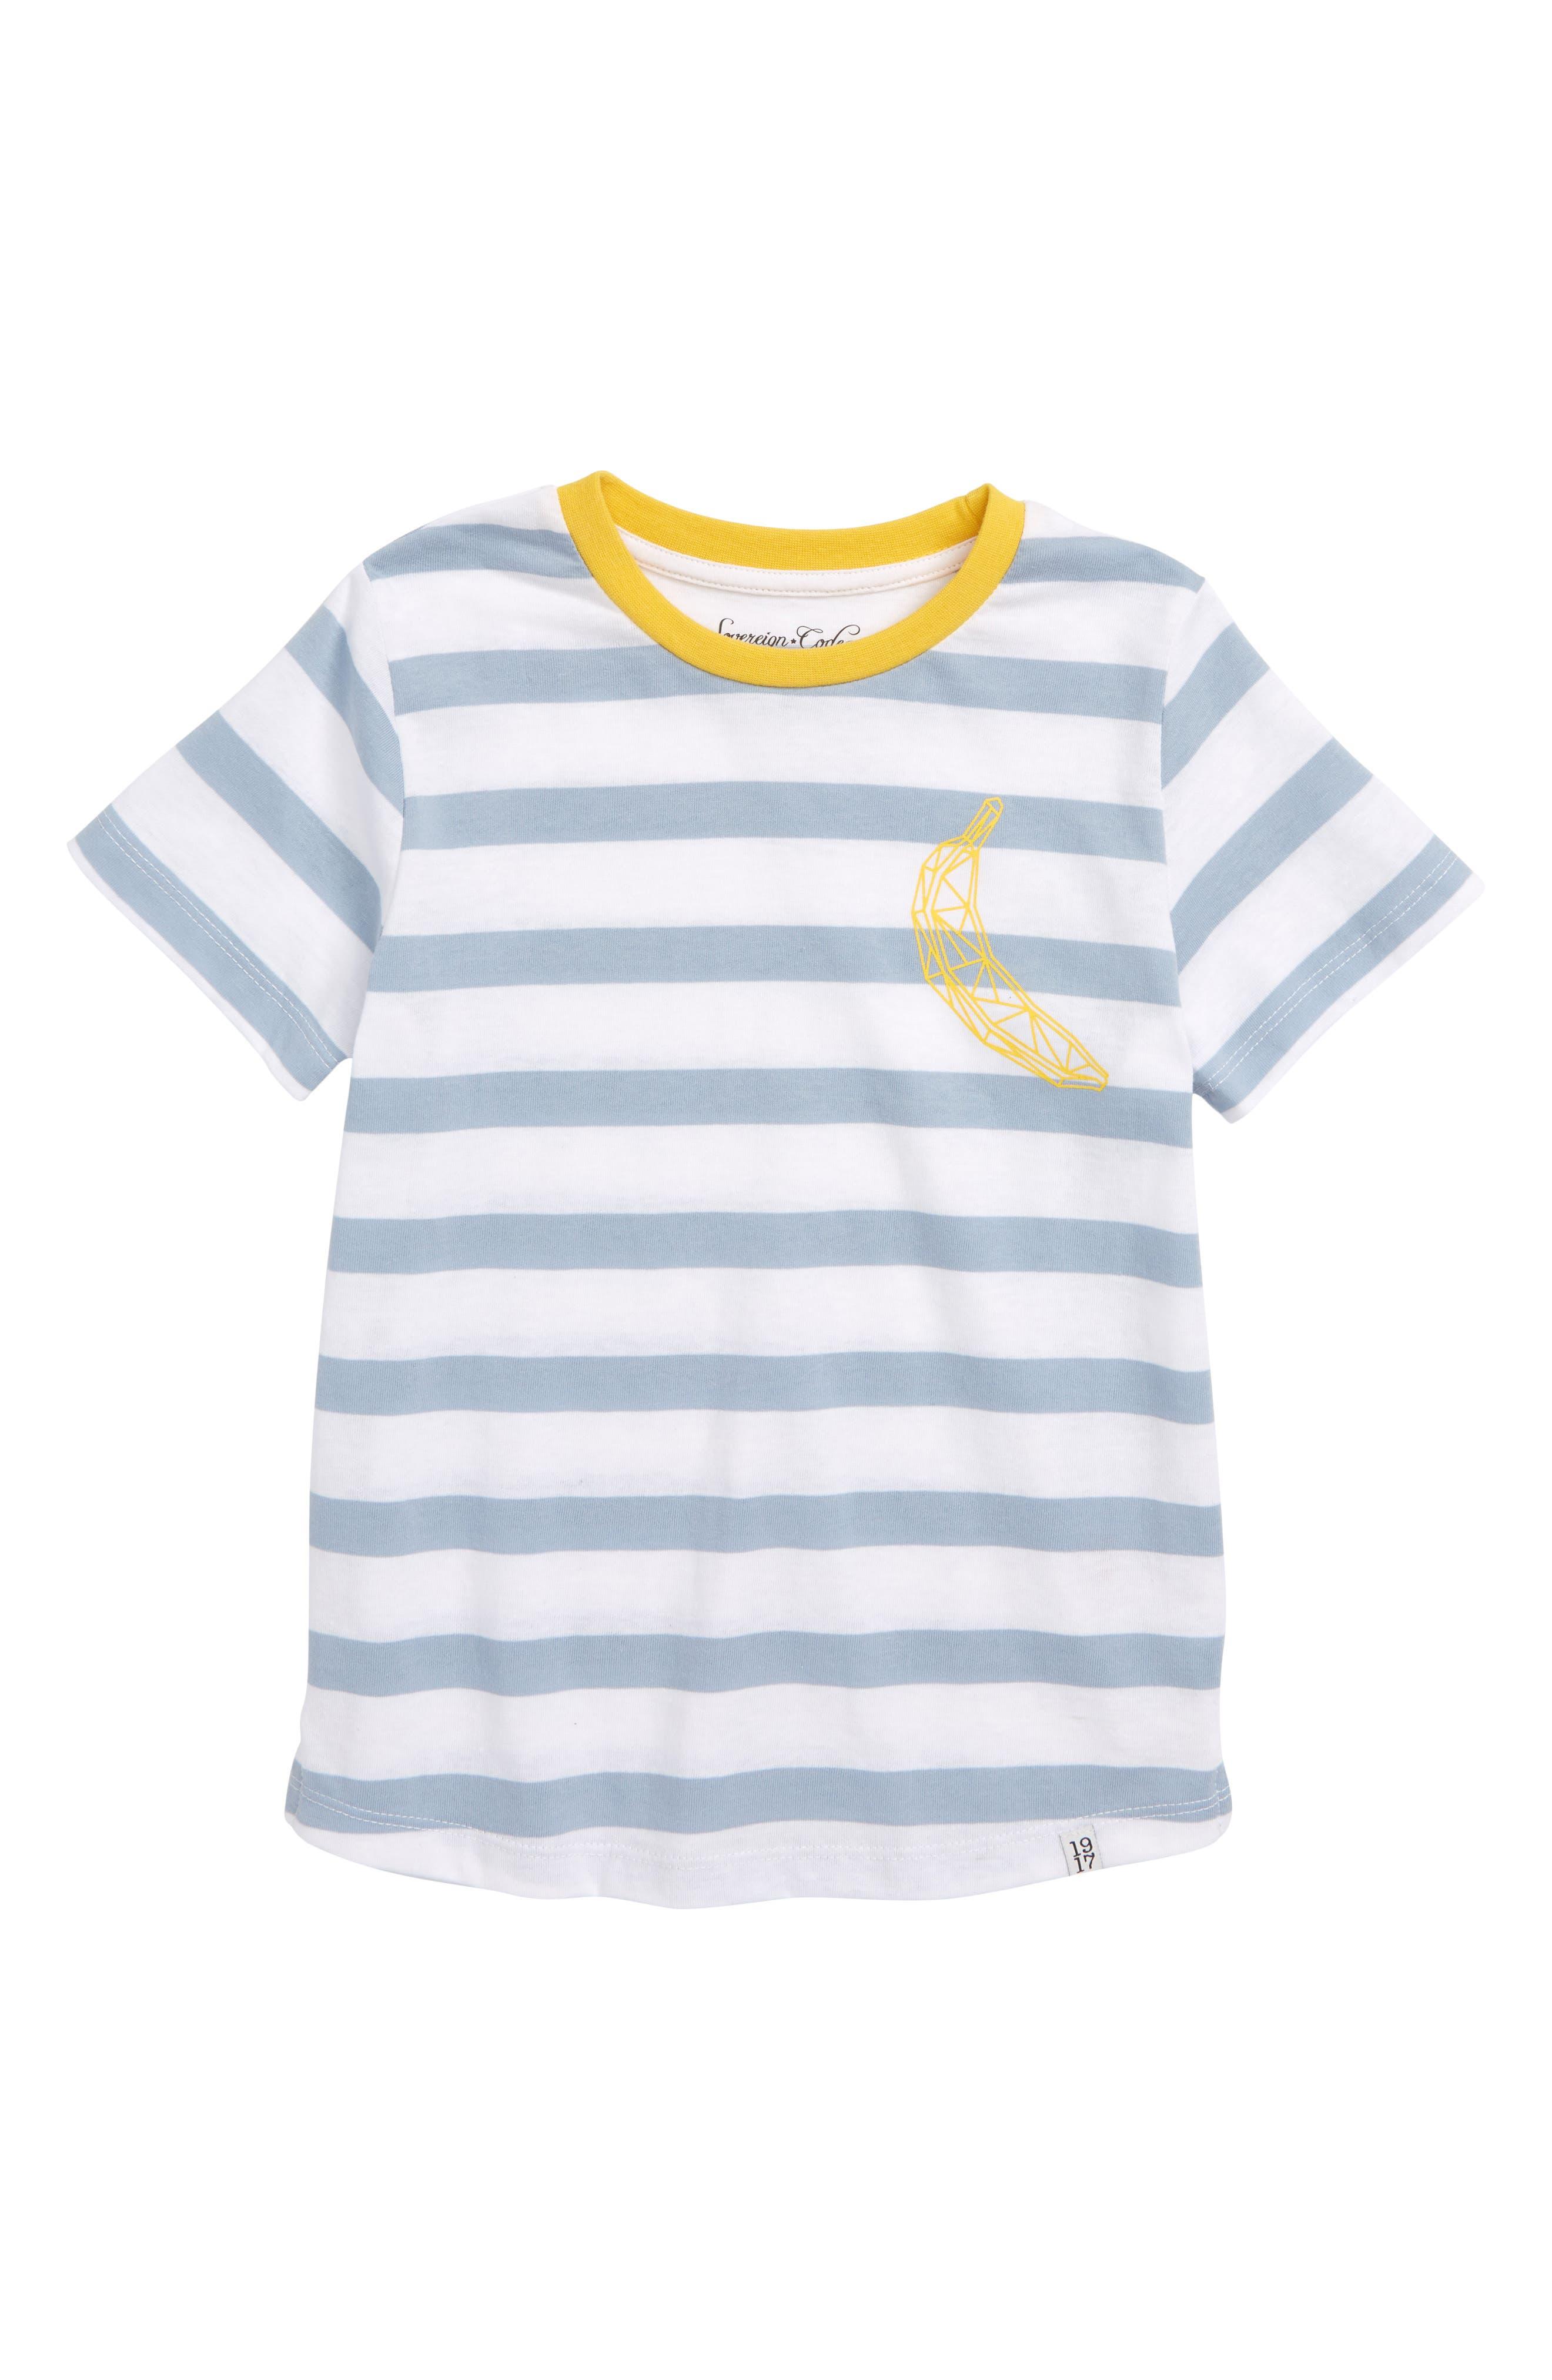 Vox Stripe T-Shirt,                         Main,                         color, 450